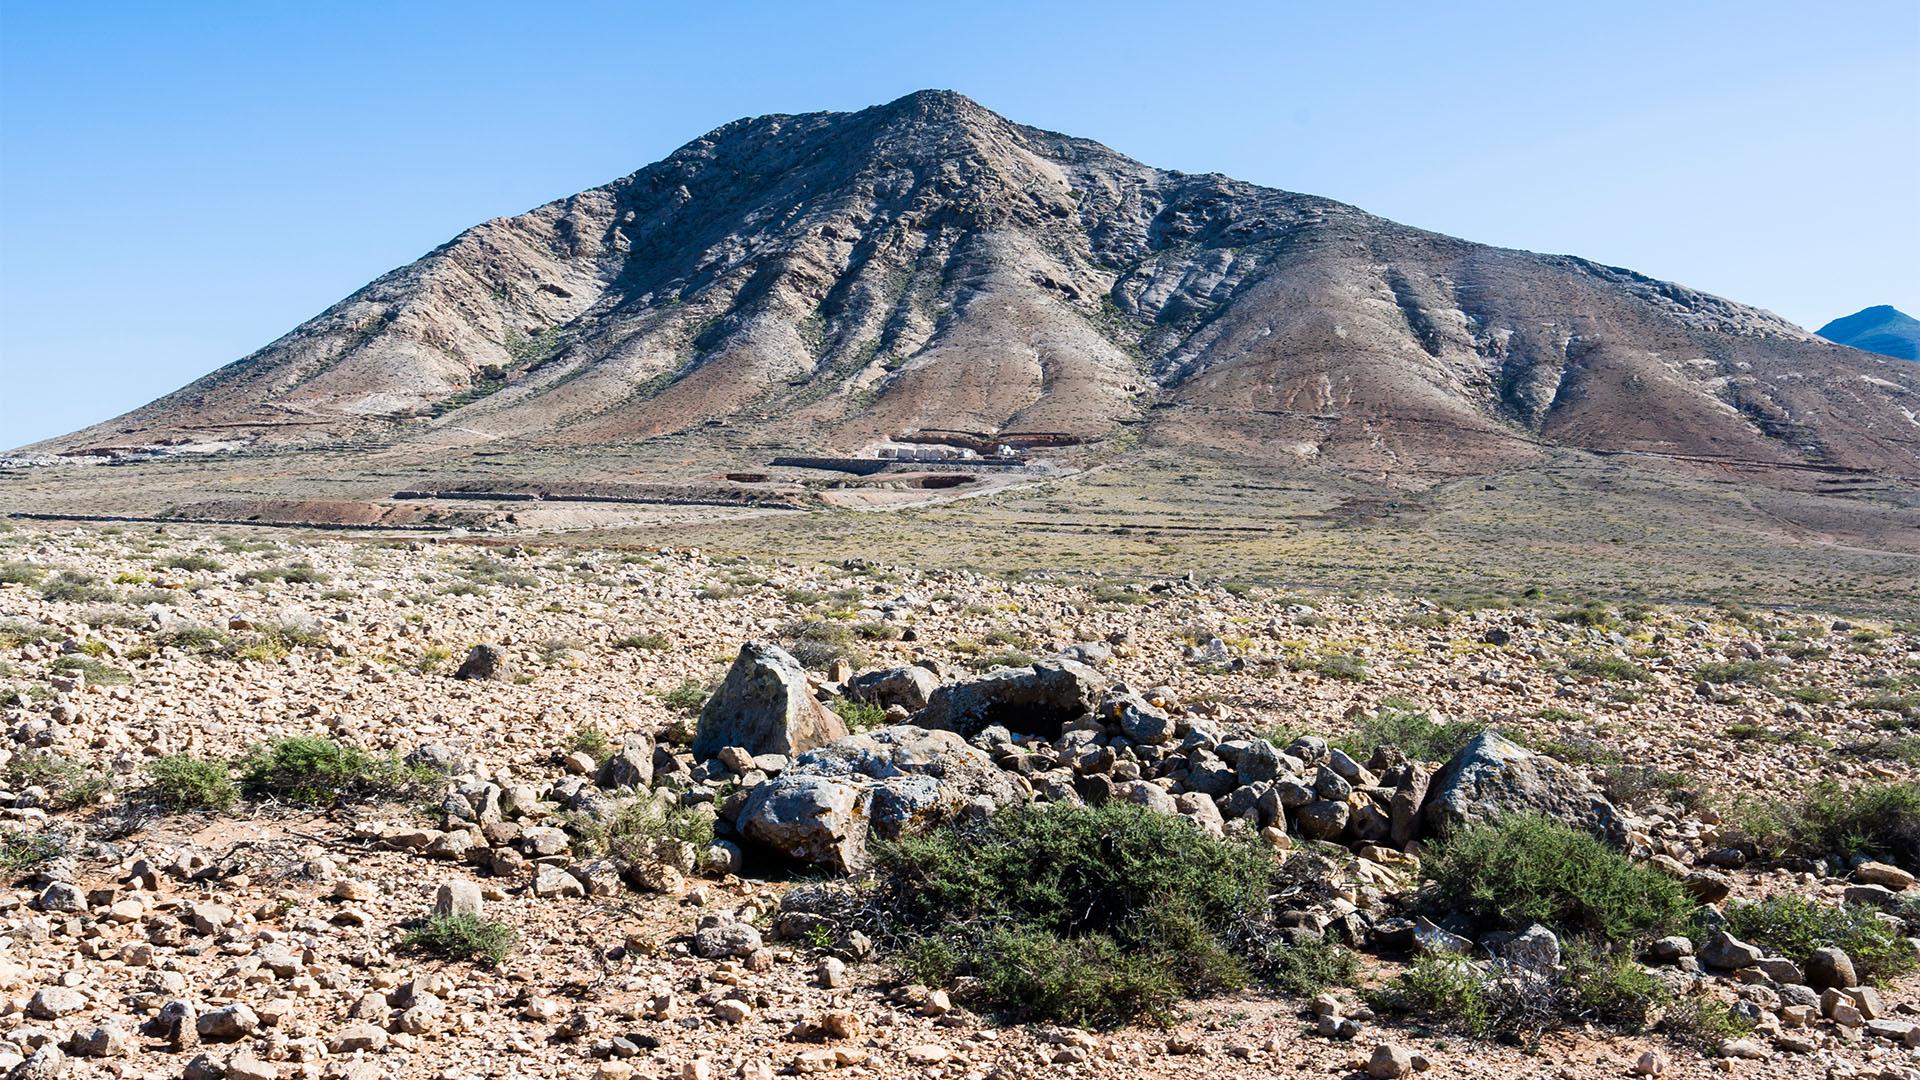 Wandern + Trekking auf Fuerteventura: Von Tindaya durch den Barranco Esquinzo nach El Cotillo.